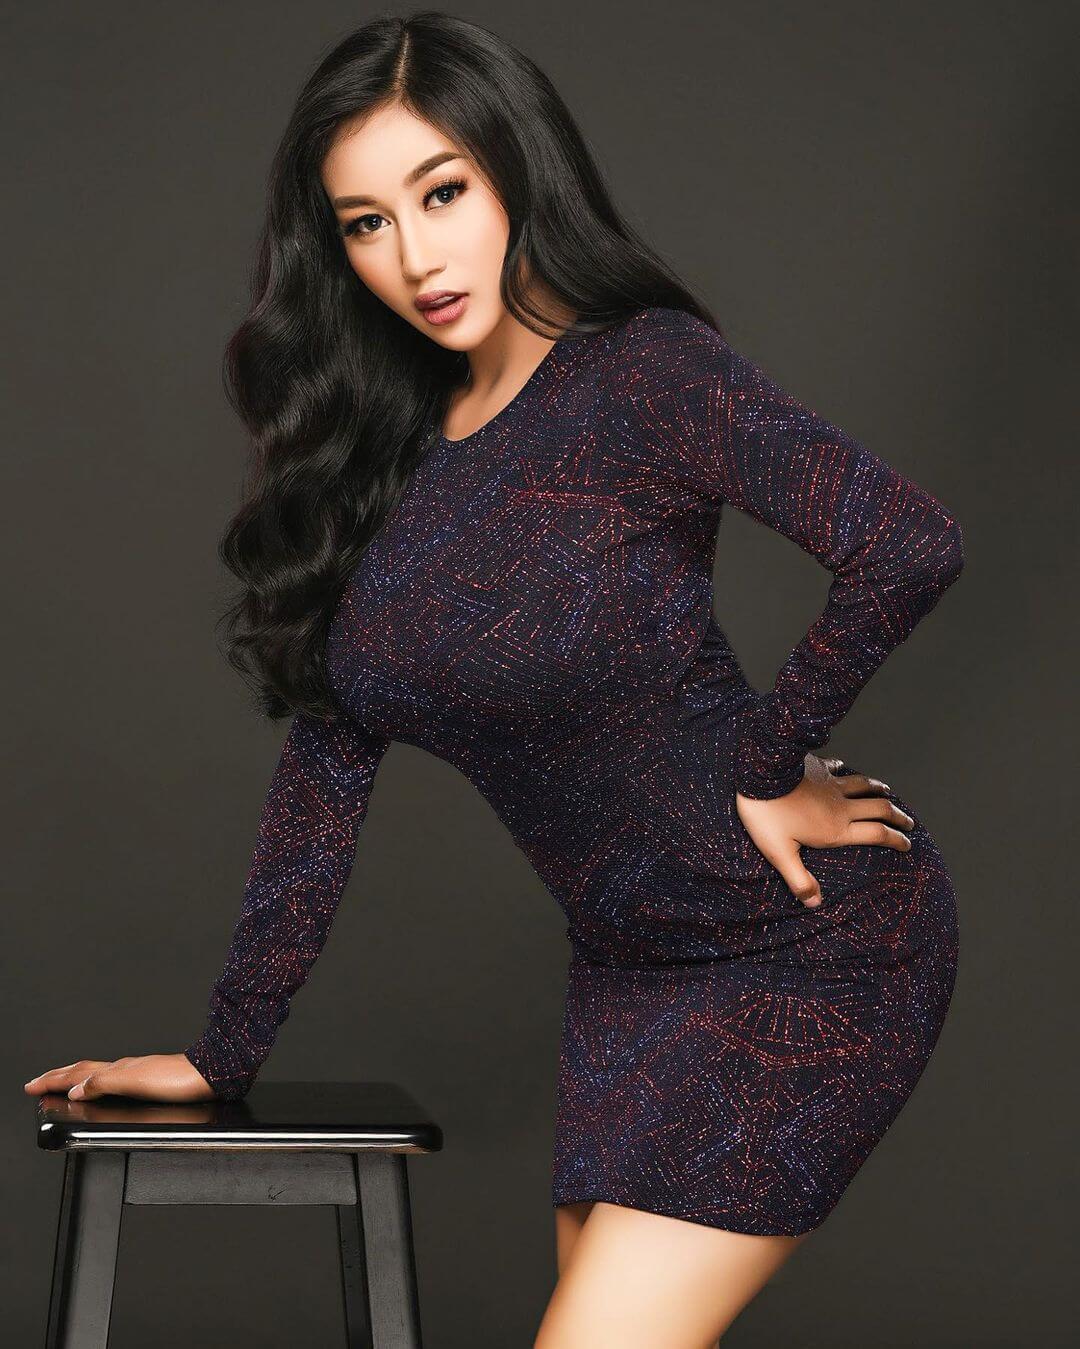 Indonesian Sexy Actress Pamela Safitri